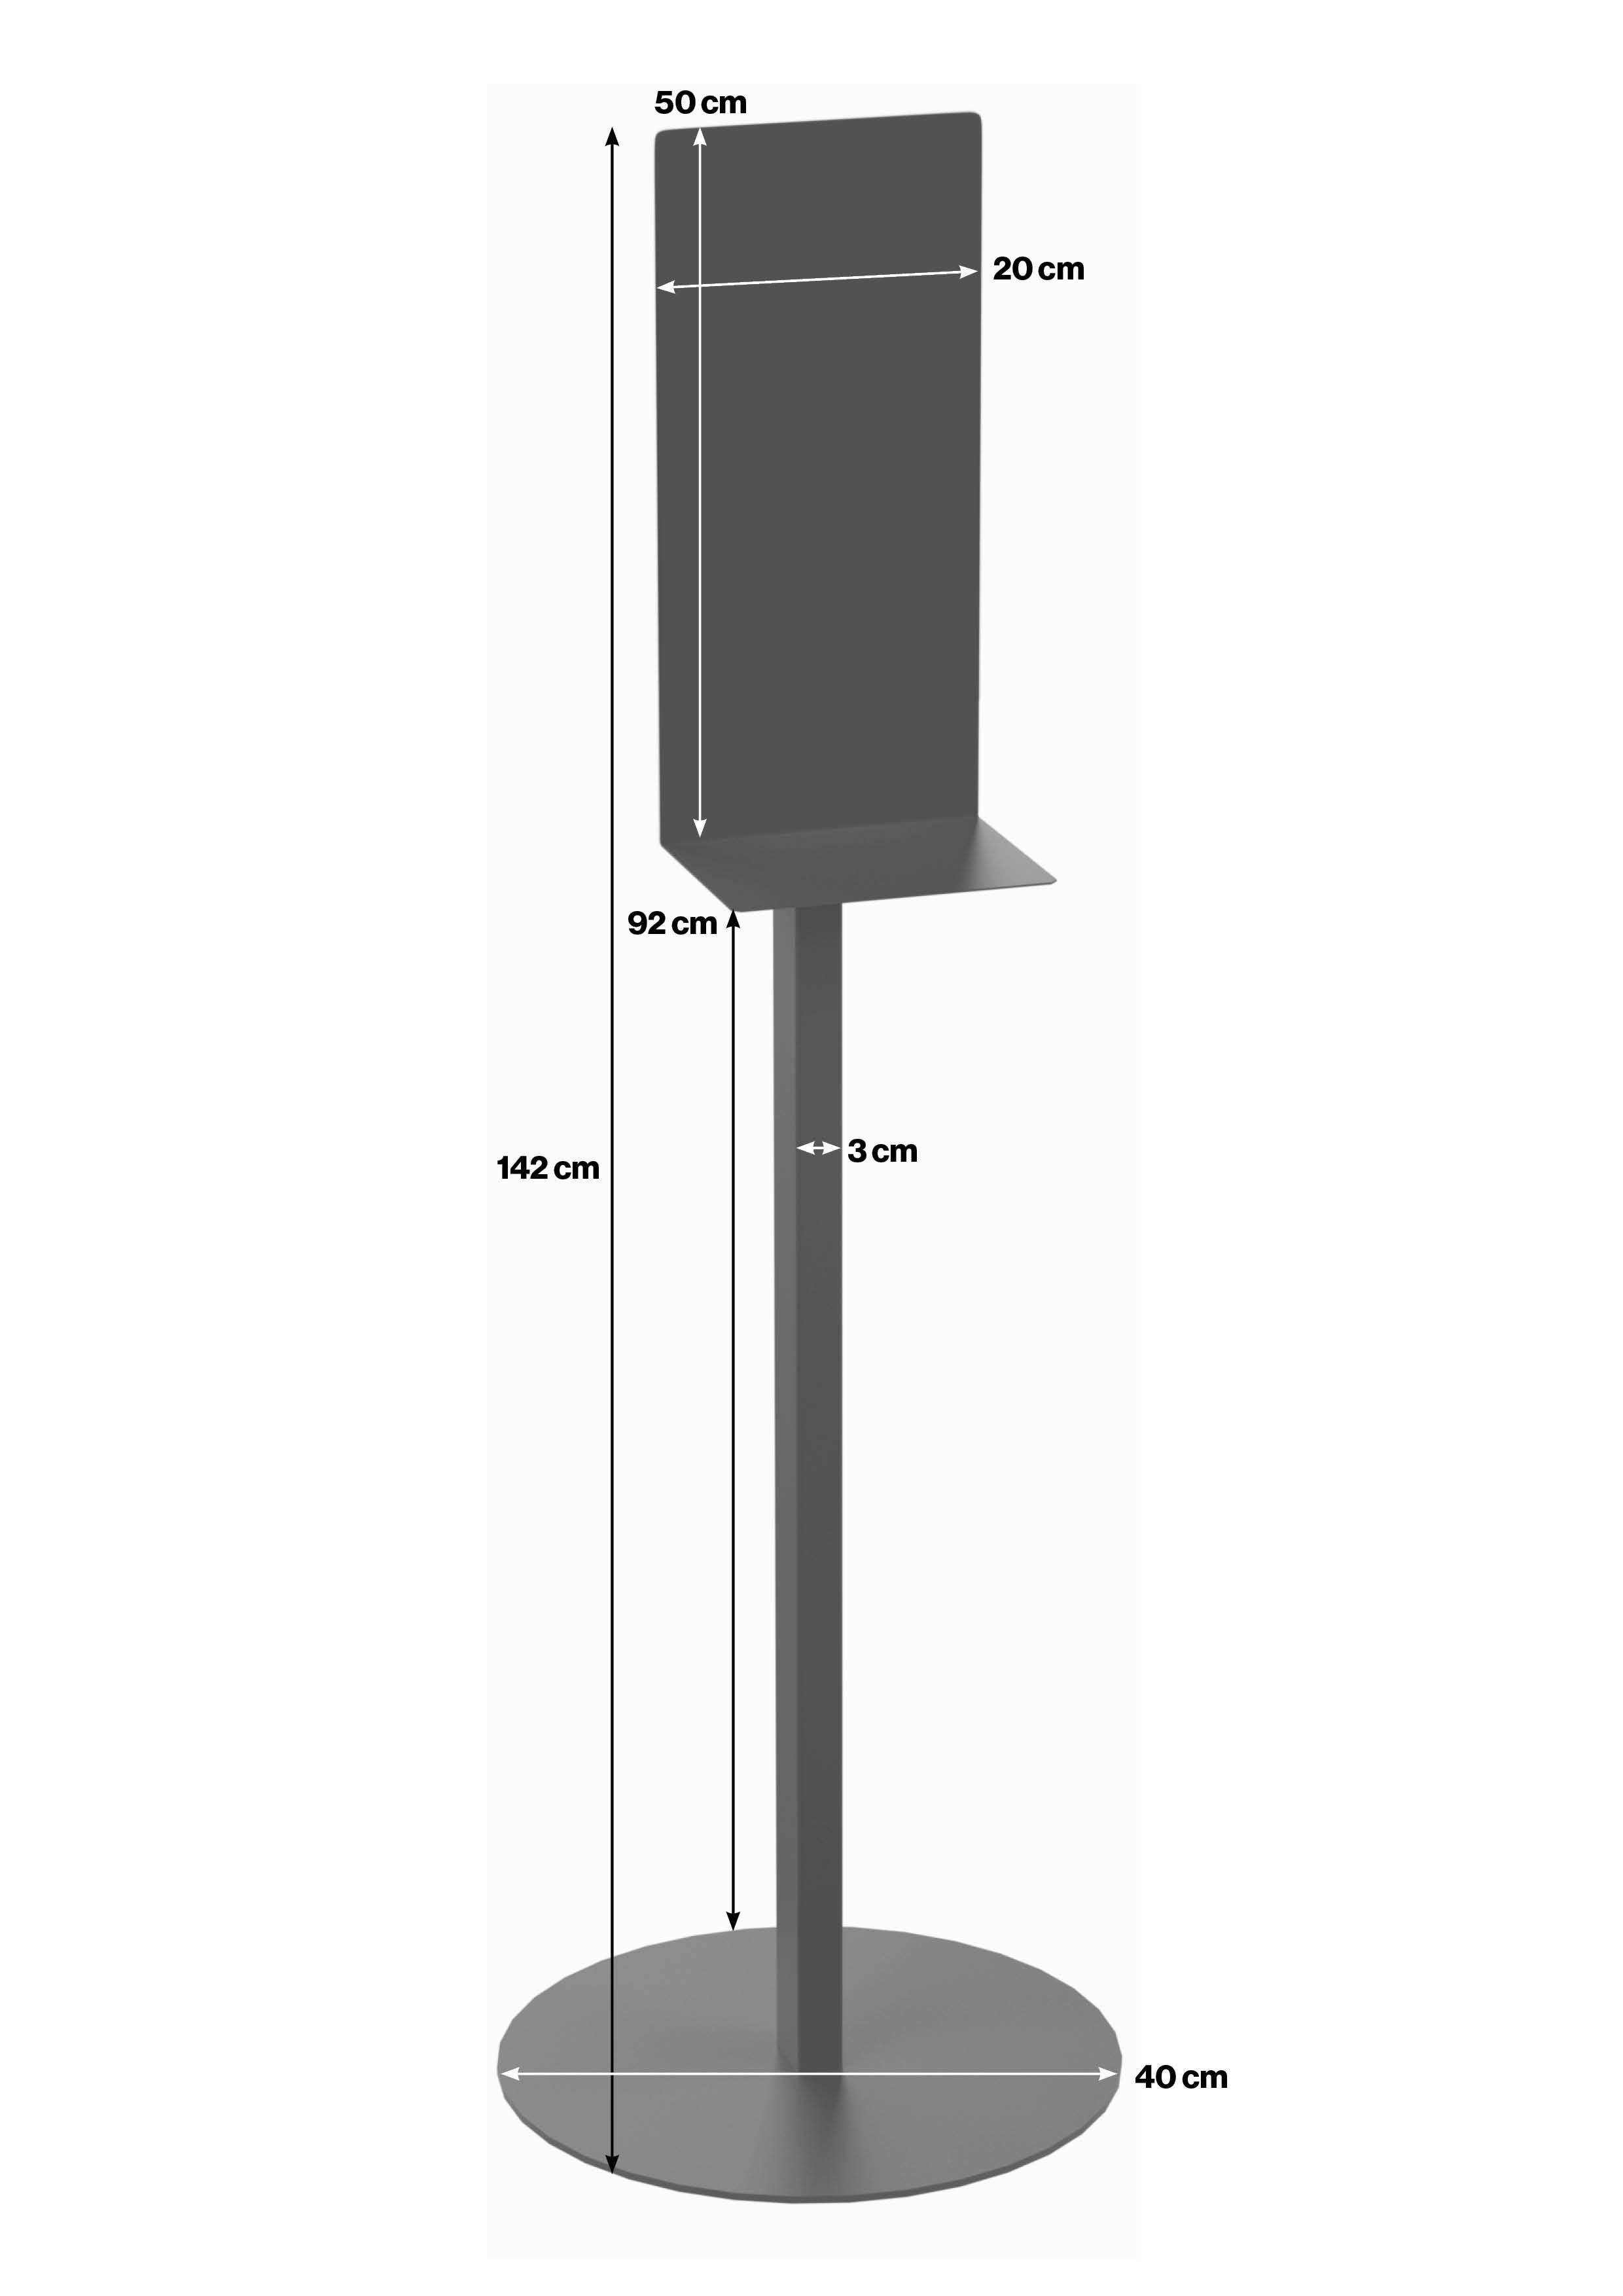 visoki samostojeći stalak za dispenzer